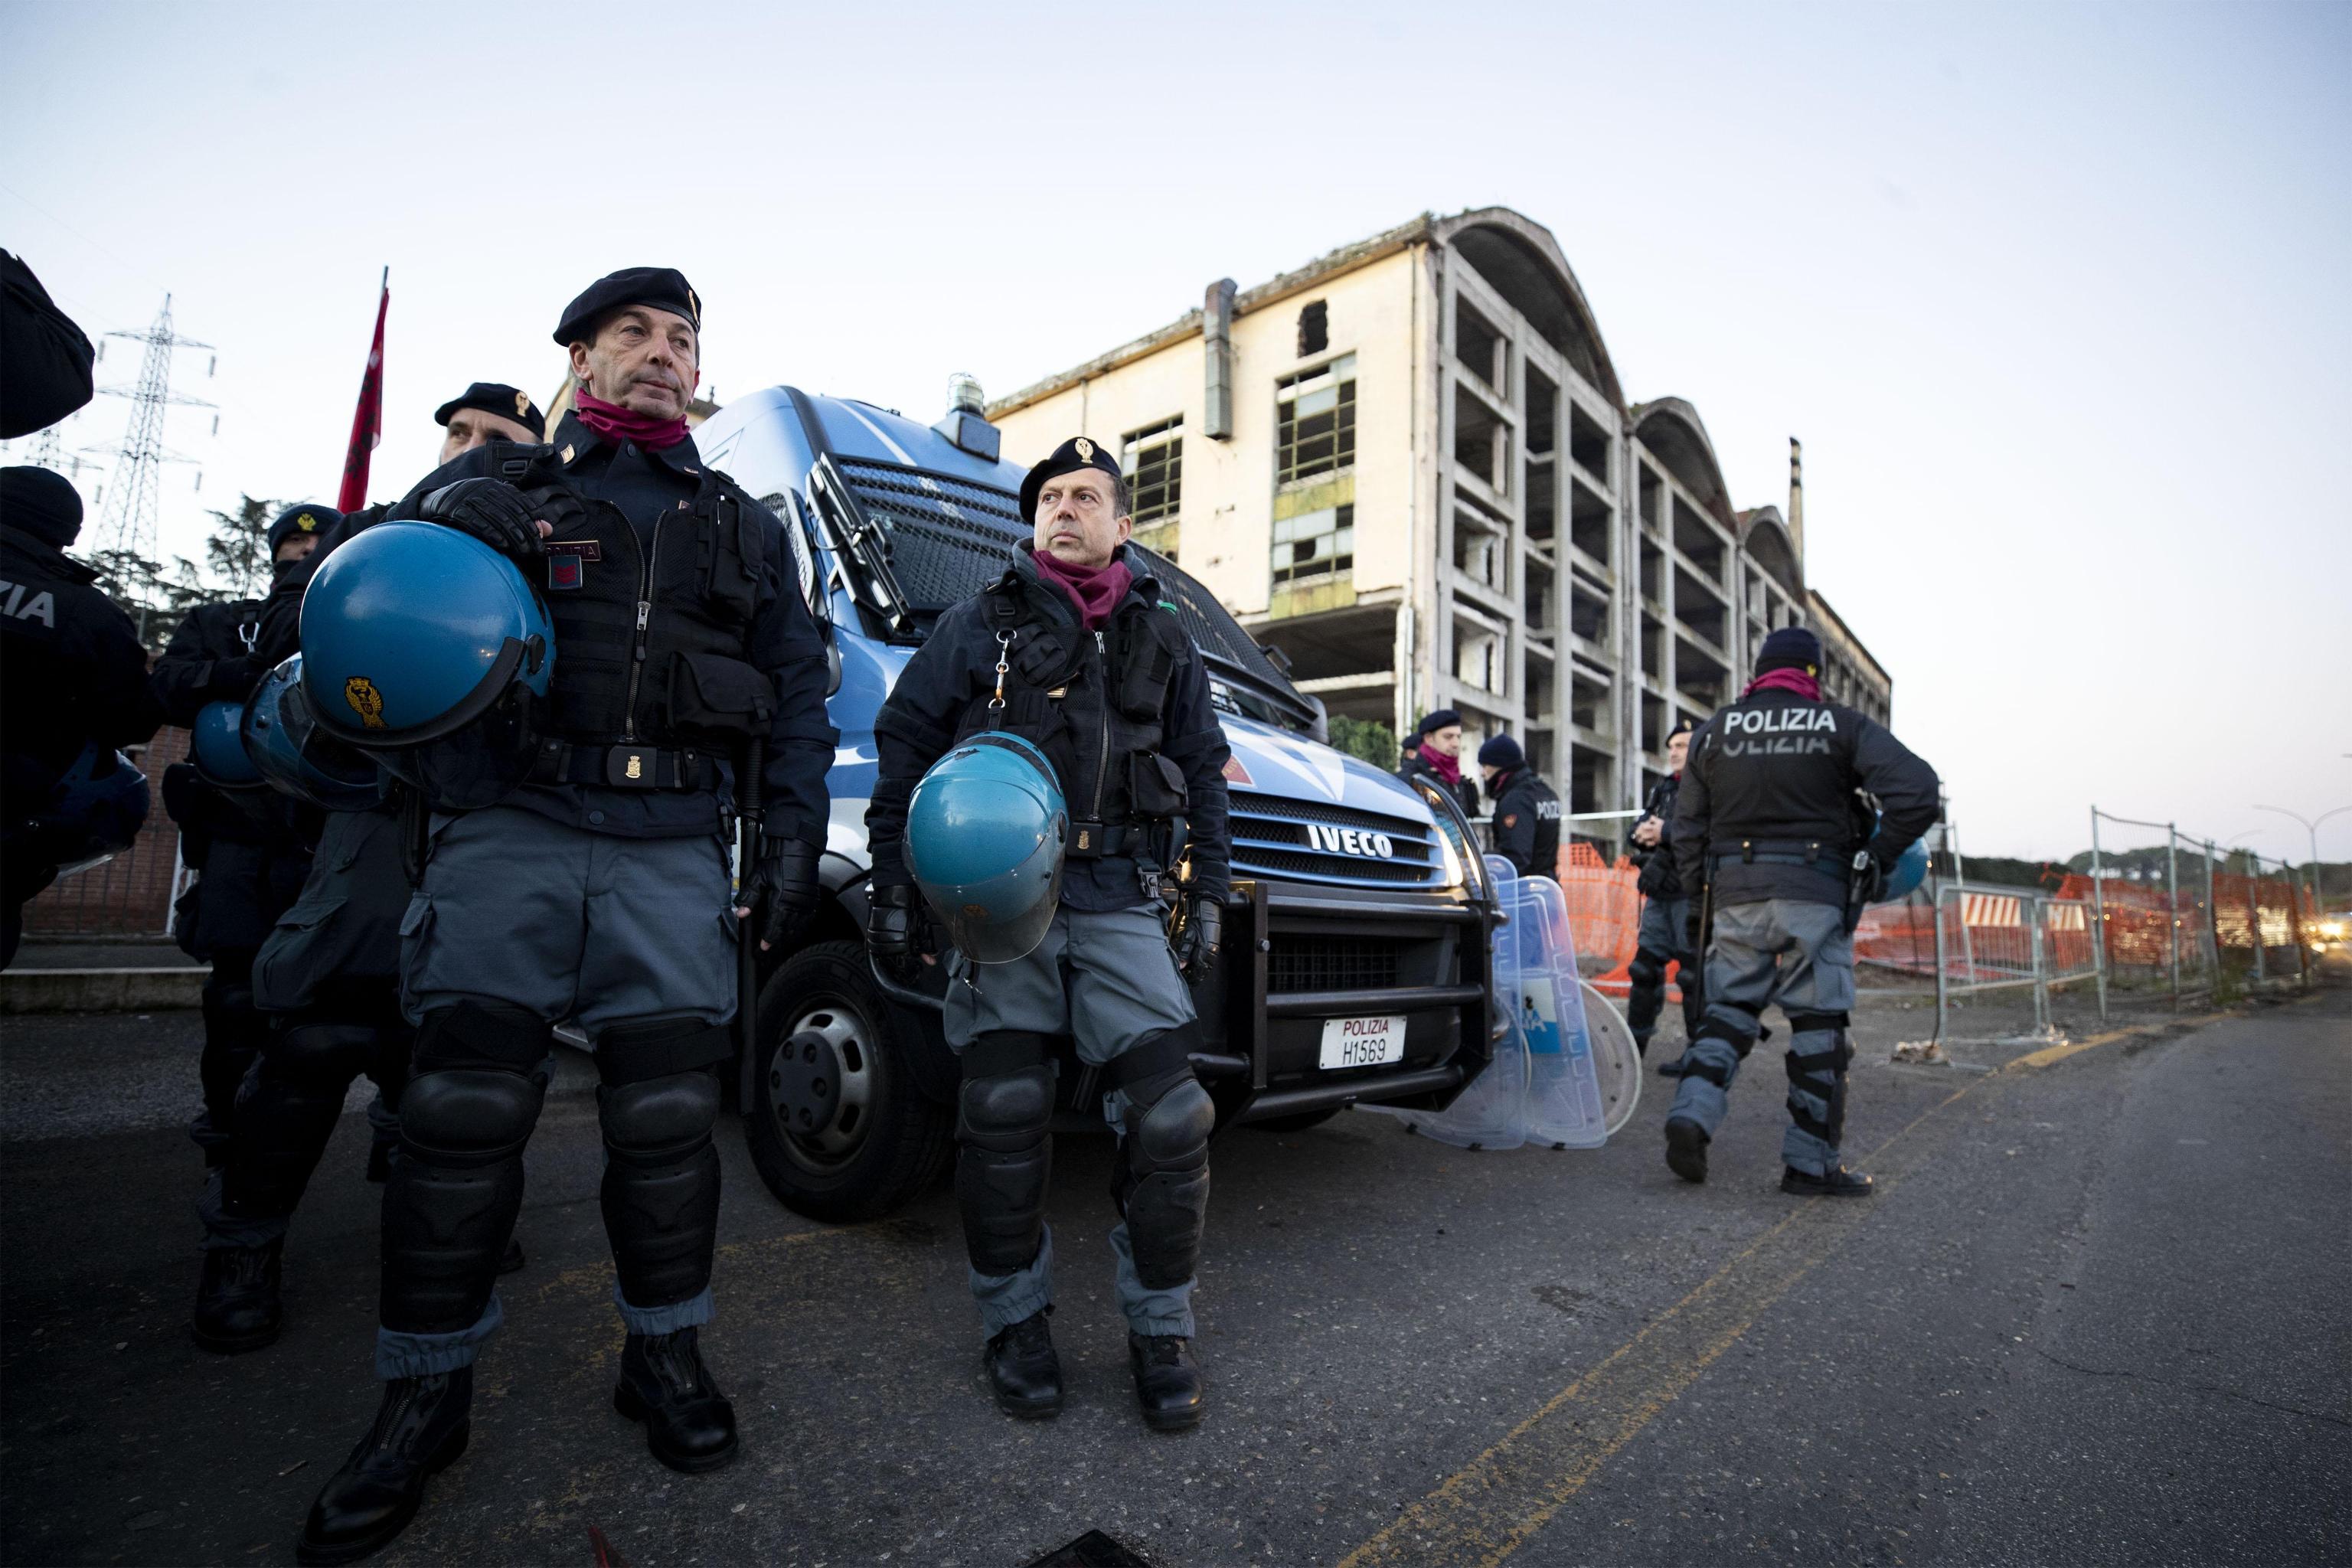 La polizia fuori dell'ex fabbrica di penicillina su via Tiburtina a Roma, 10 dicembre 2018. ANSA/PERI - PERCOSSI